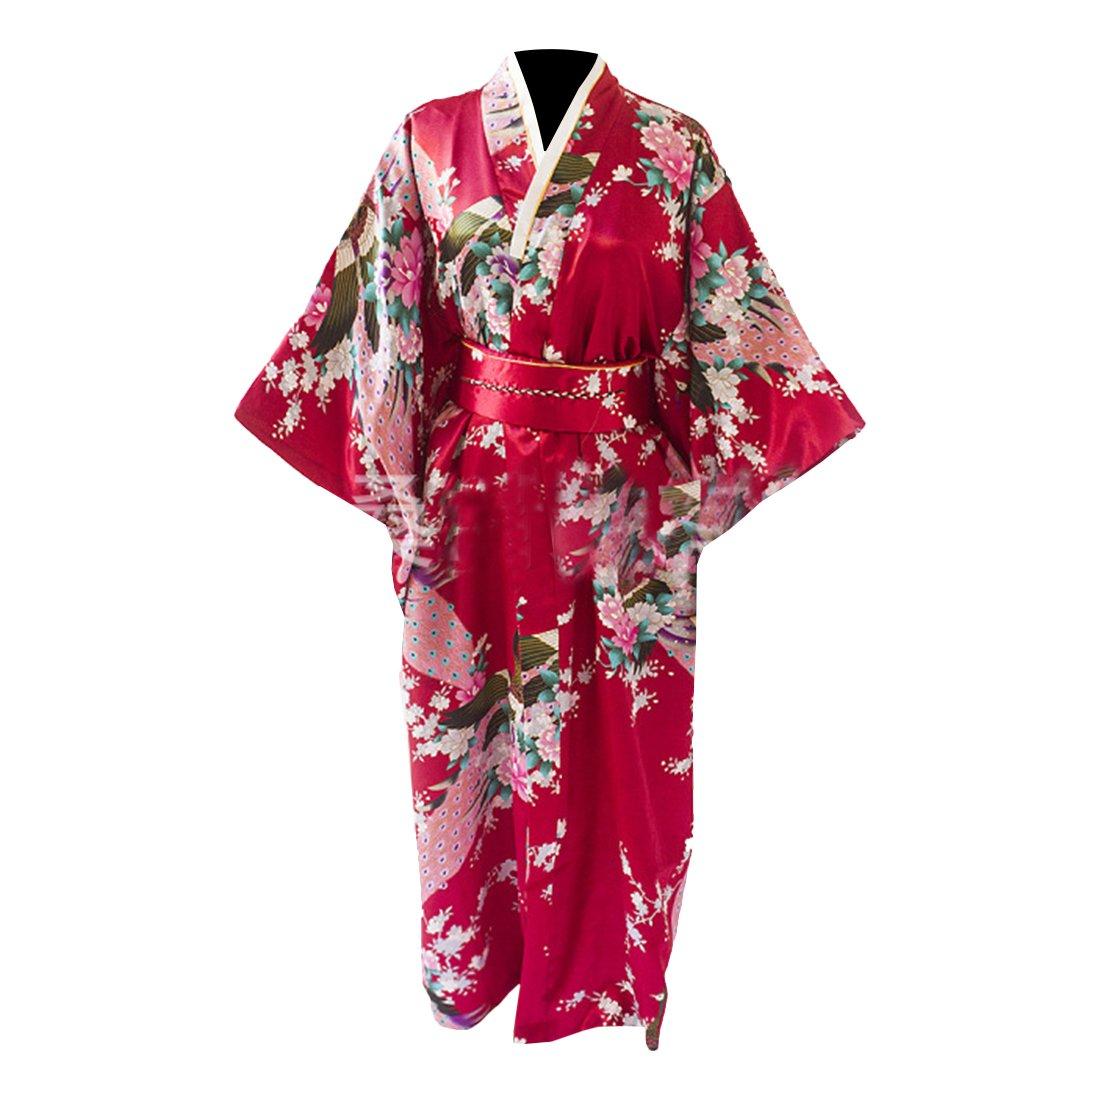 Partiss Women's Gorgeous Japanese Traditional Satin Kimono Robe One Size Black 2017060902-126